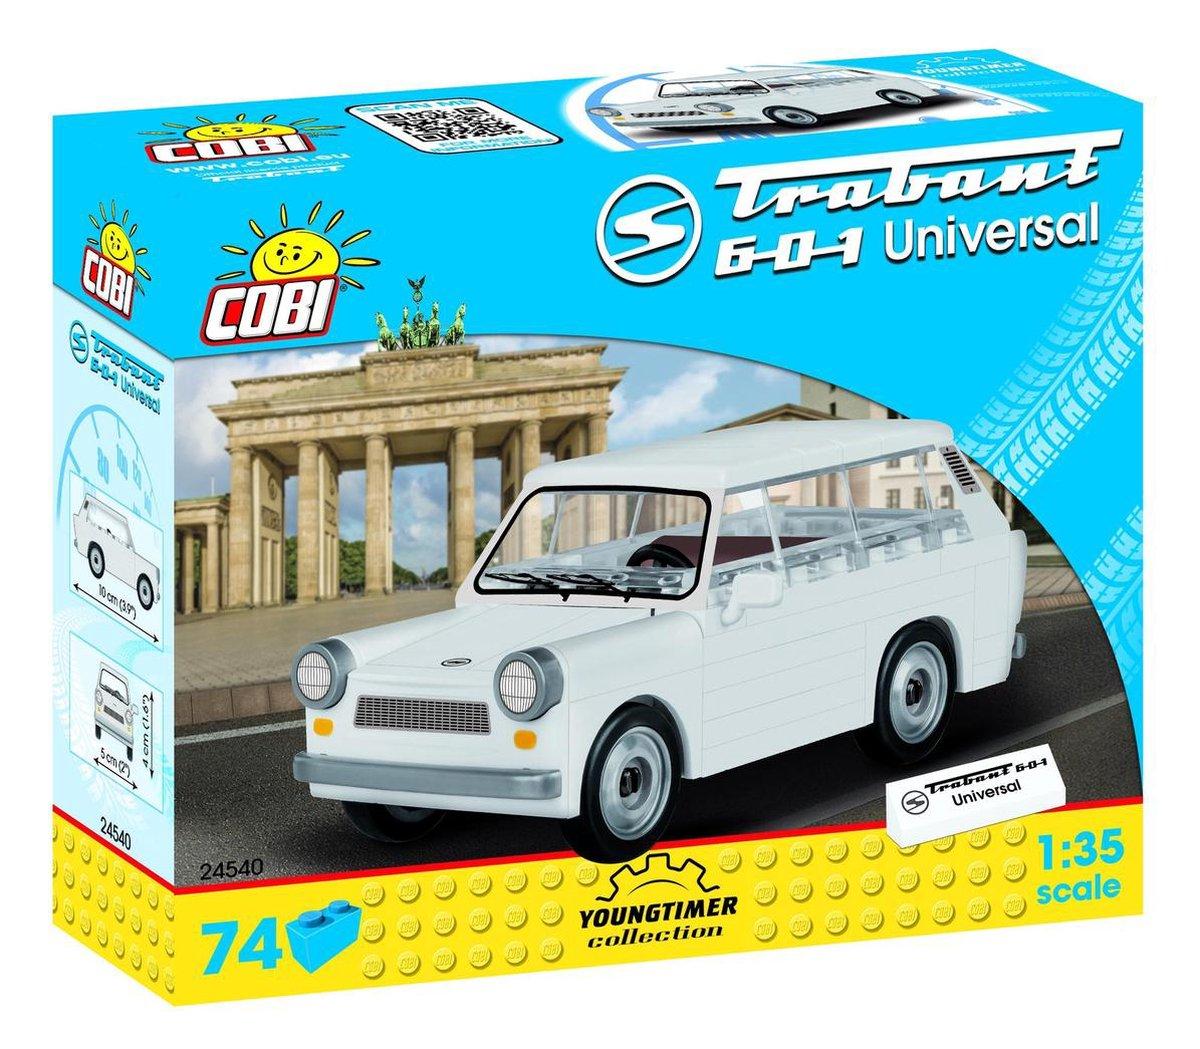 Cobi Youngtimer Bouwpakket Trabant 1:35 Wit 74 -delig 24540